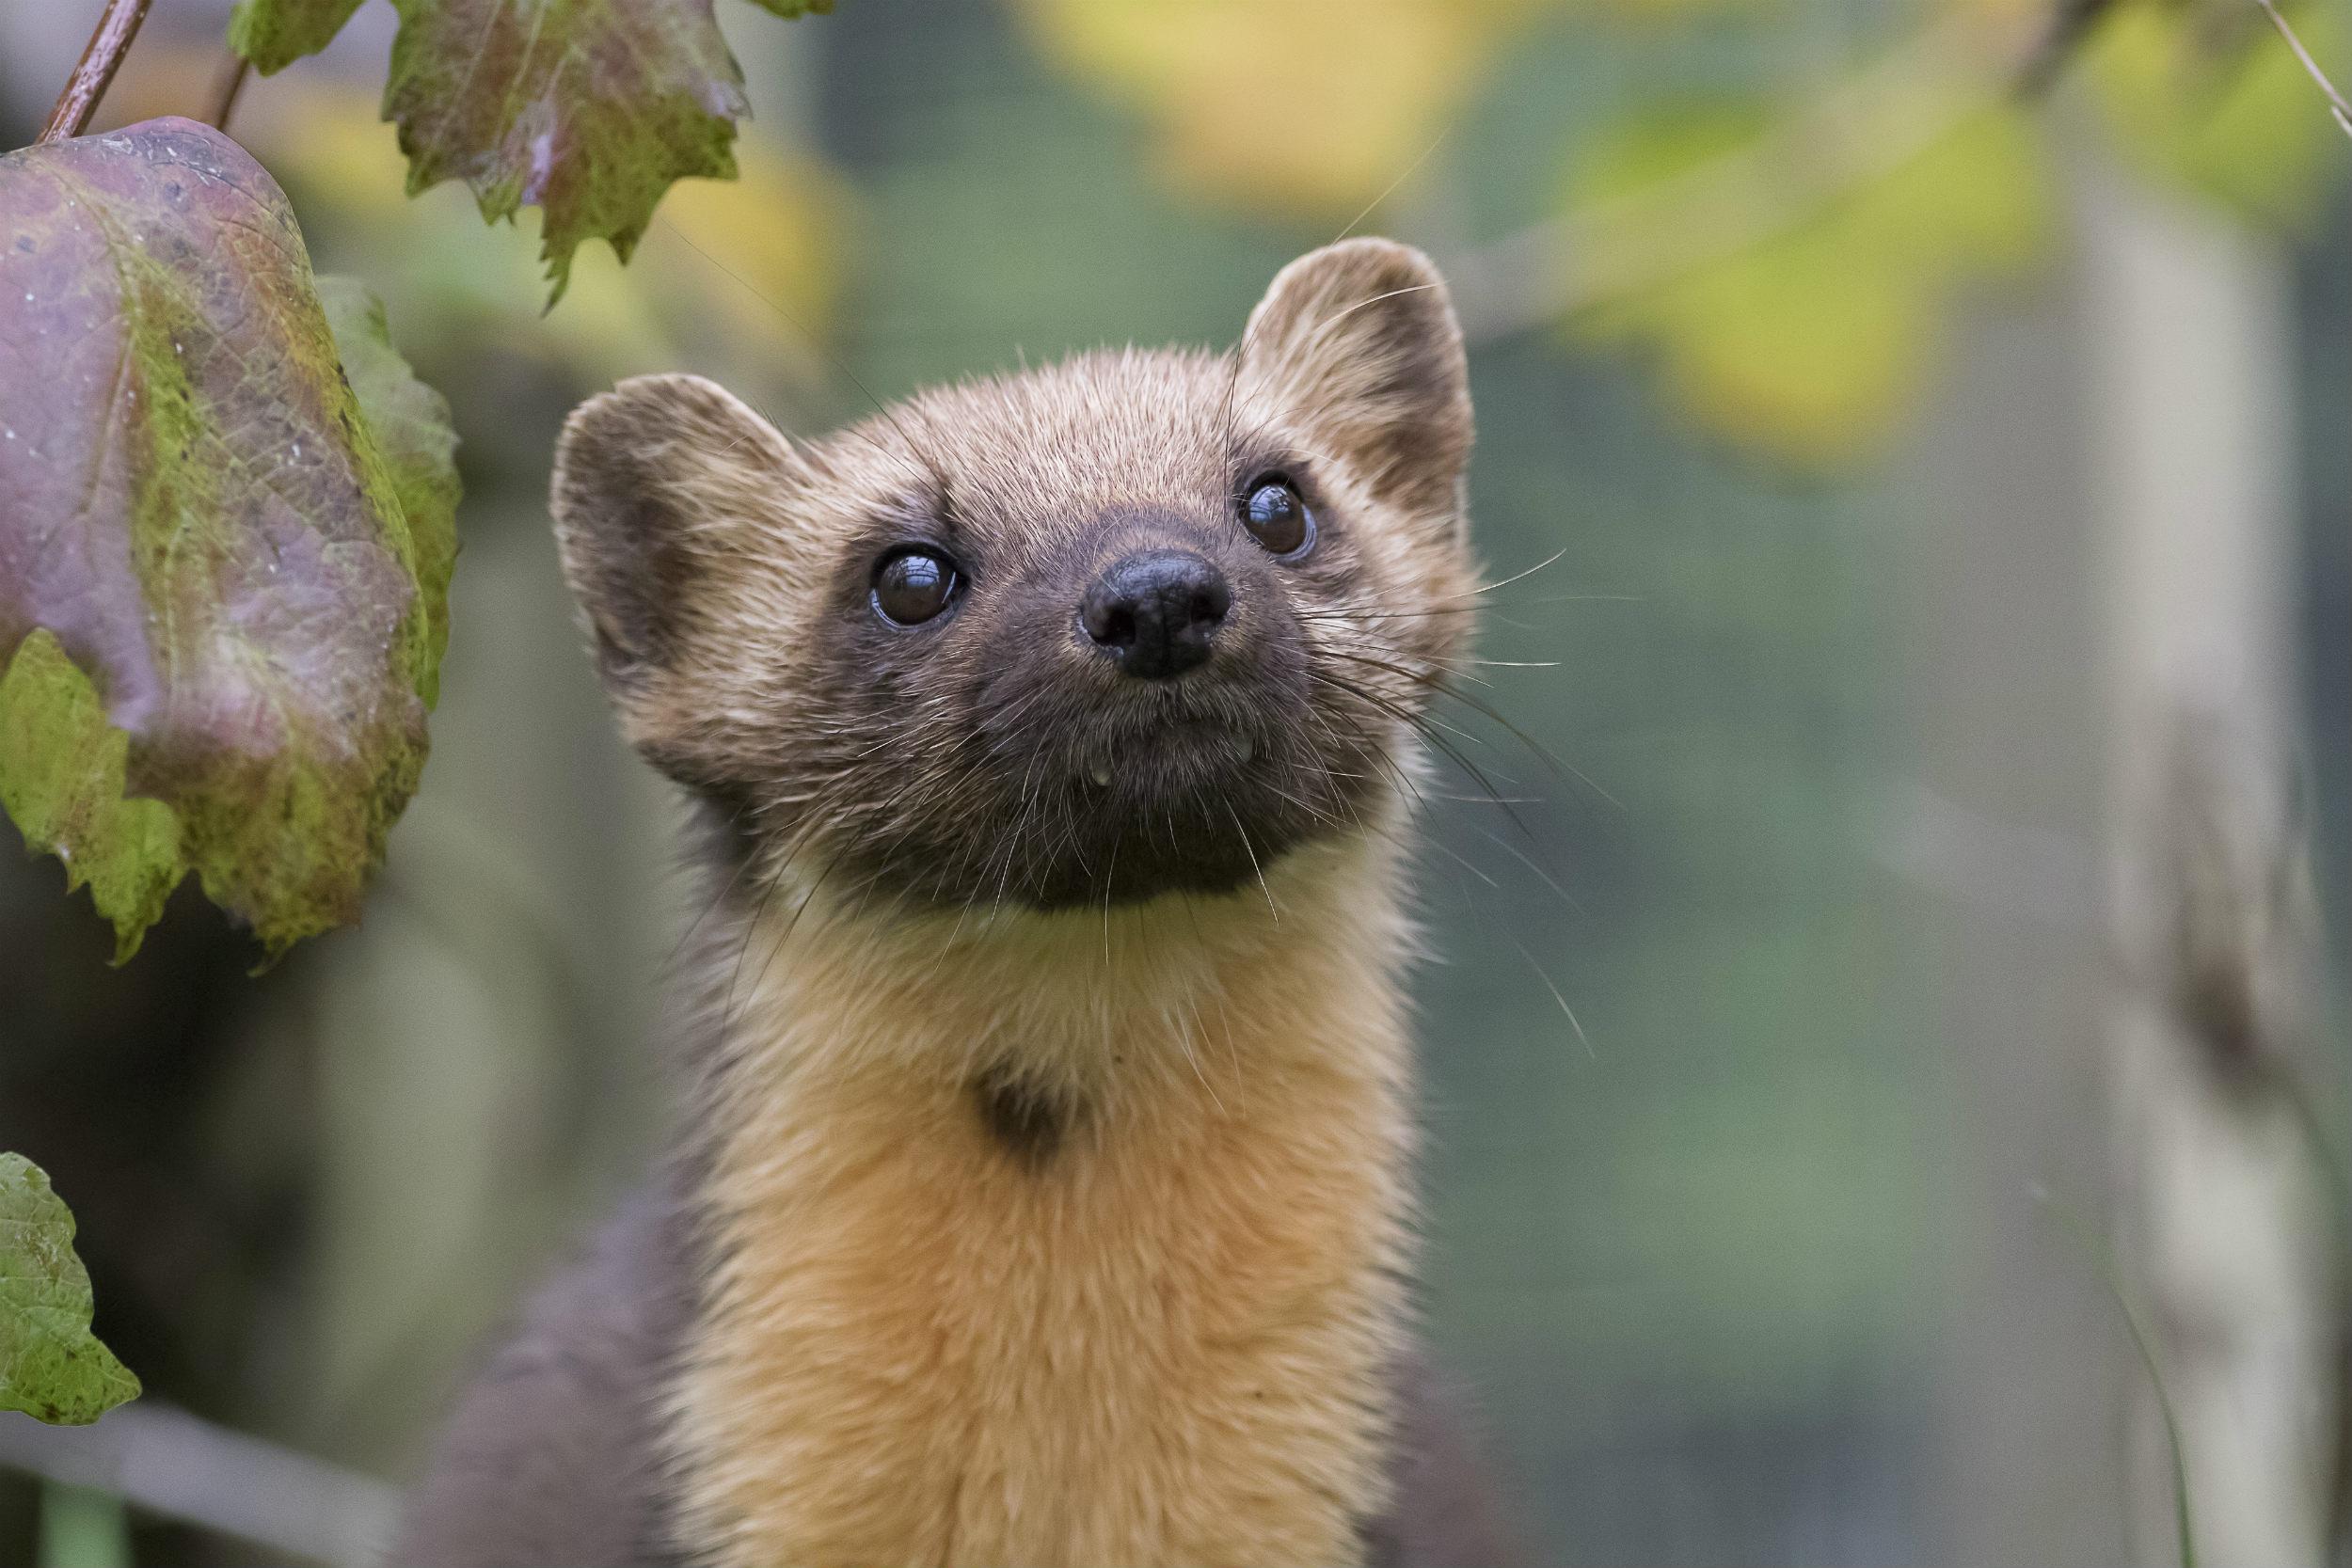 Mens arterne forsvinder: Regeringen udskyder redningsplan for naturen